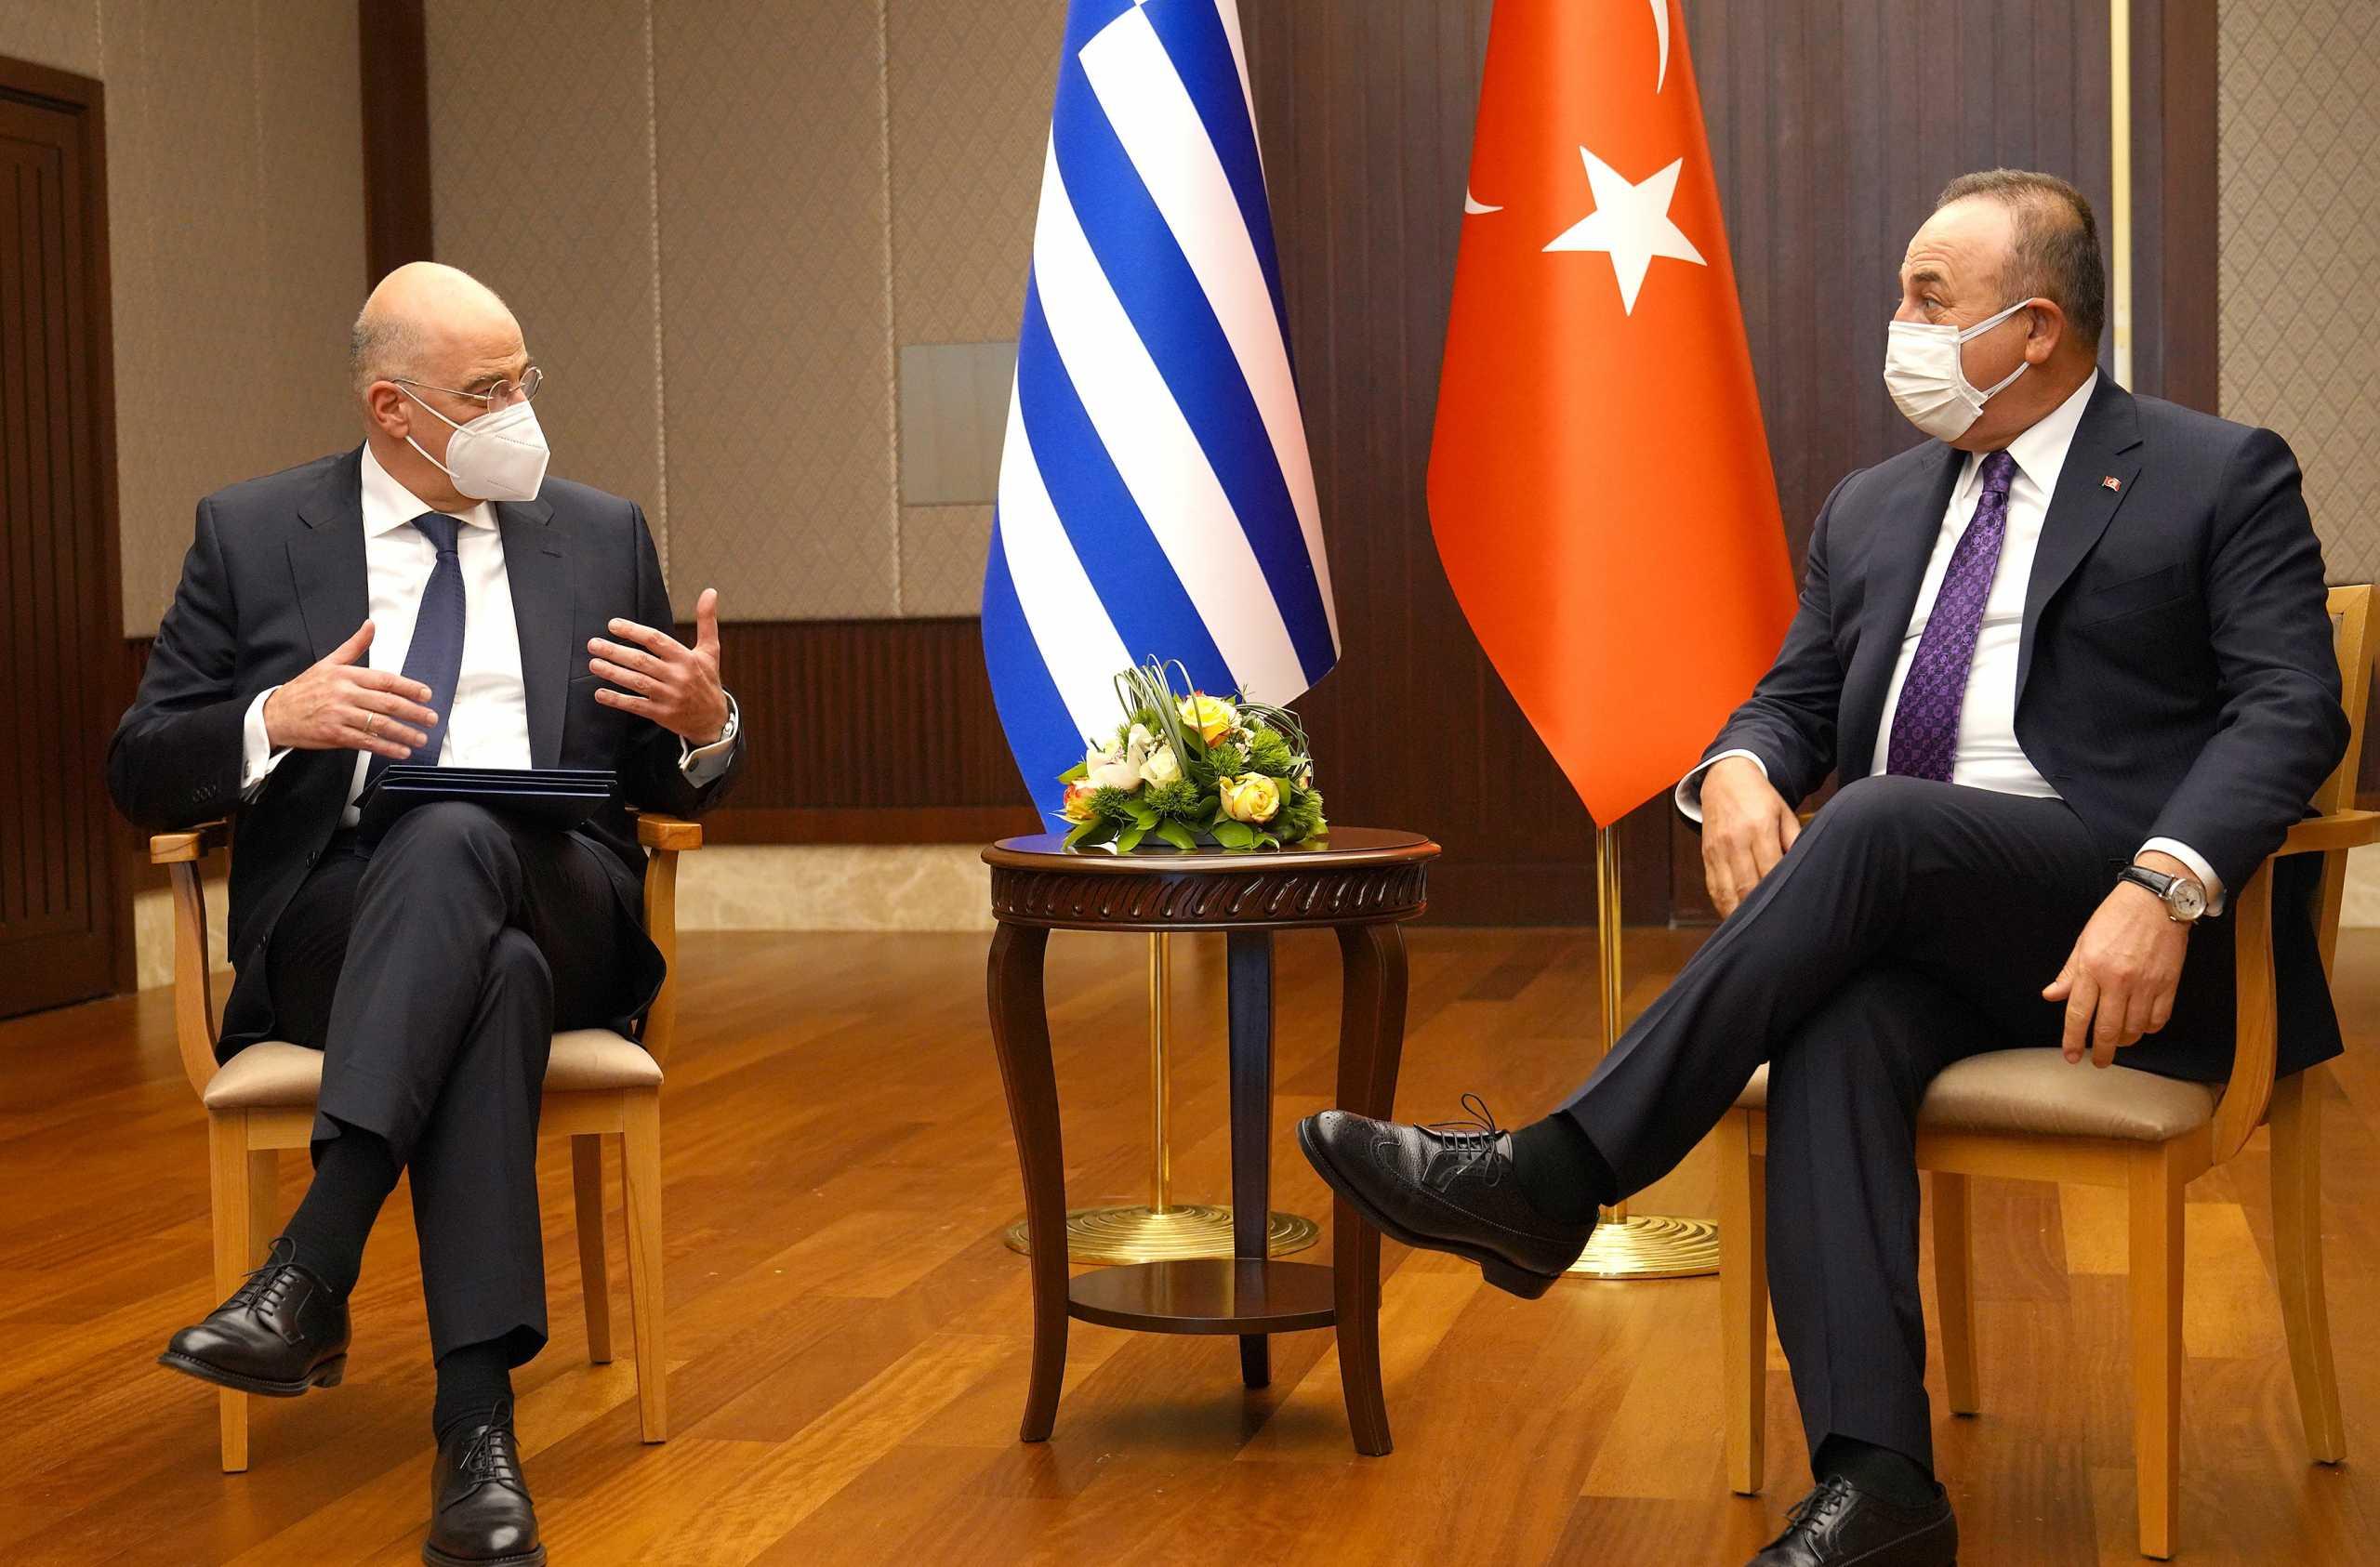 Τουρκικά ΜΜΕ για Δένδια – Τσαβούσογλου: Σκανδαλώδης διπλωματία